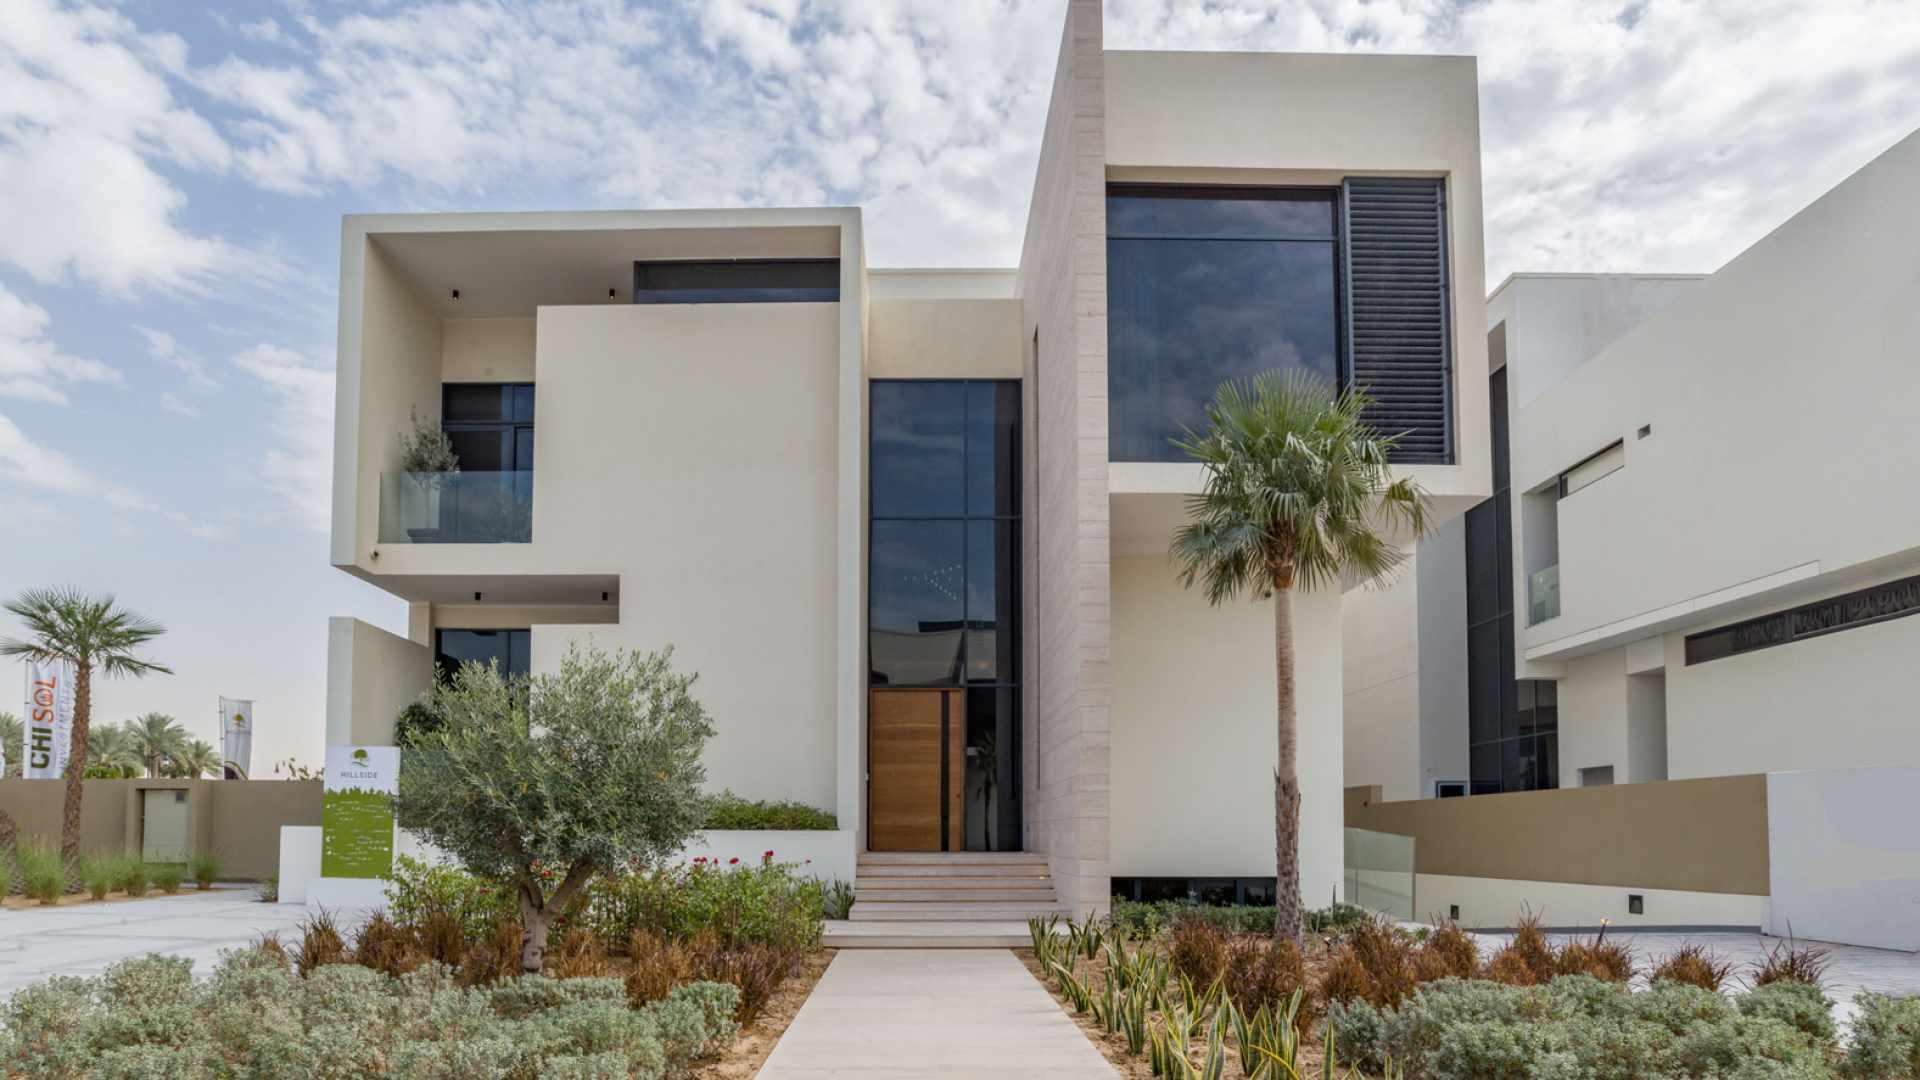 Villa en venta en Dubai, EAU, 6 dormitorios, 1117 m2, № 24249 – foto 1